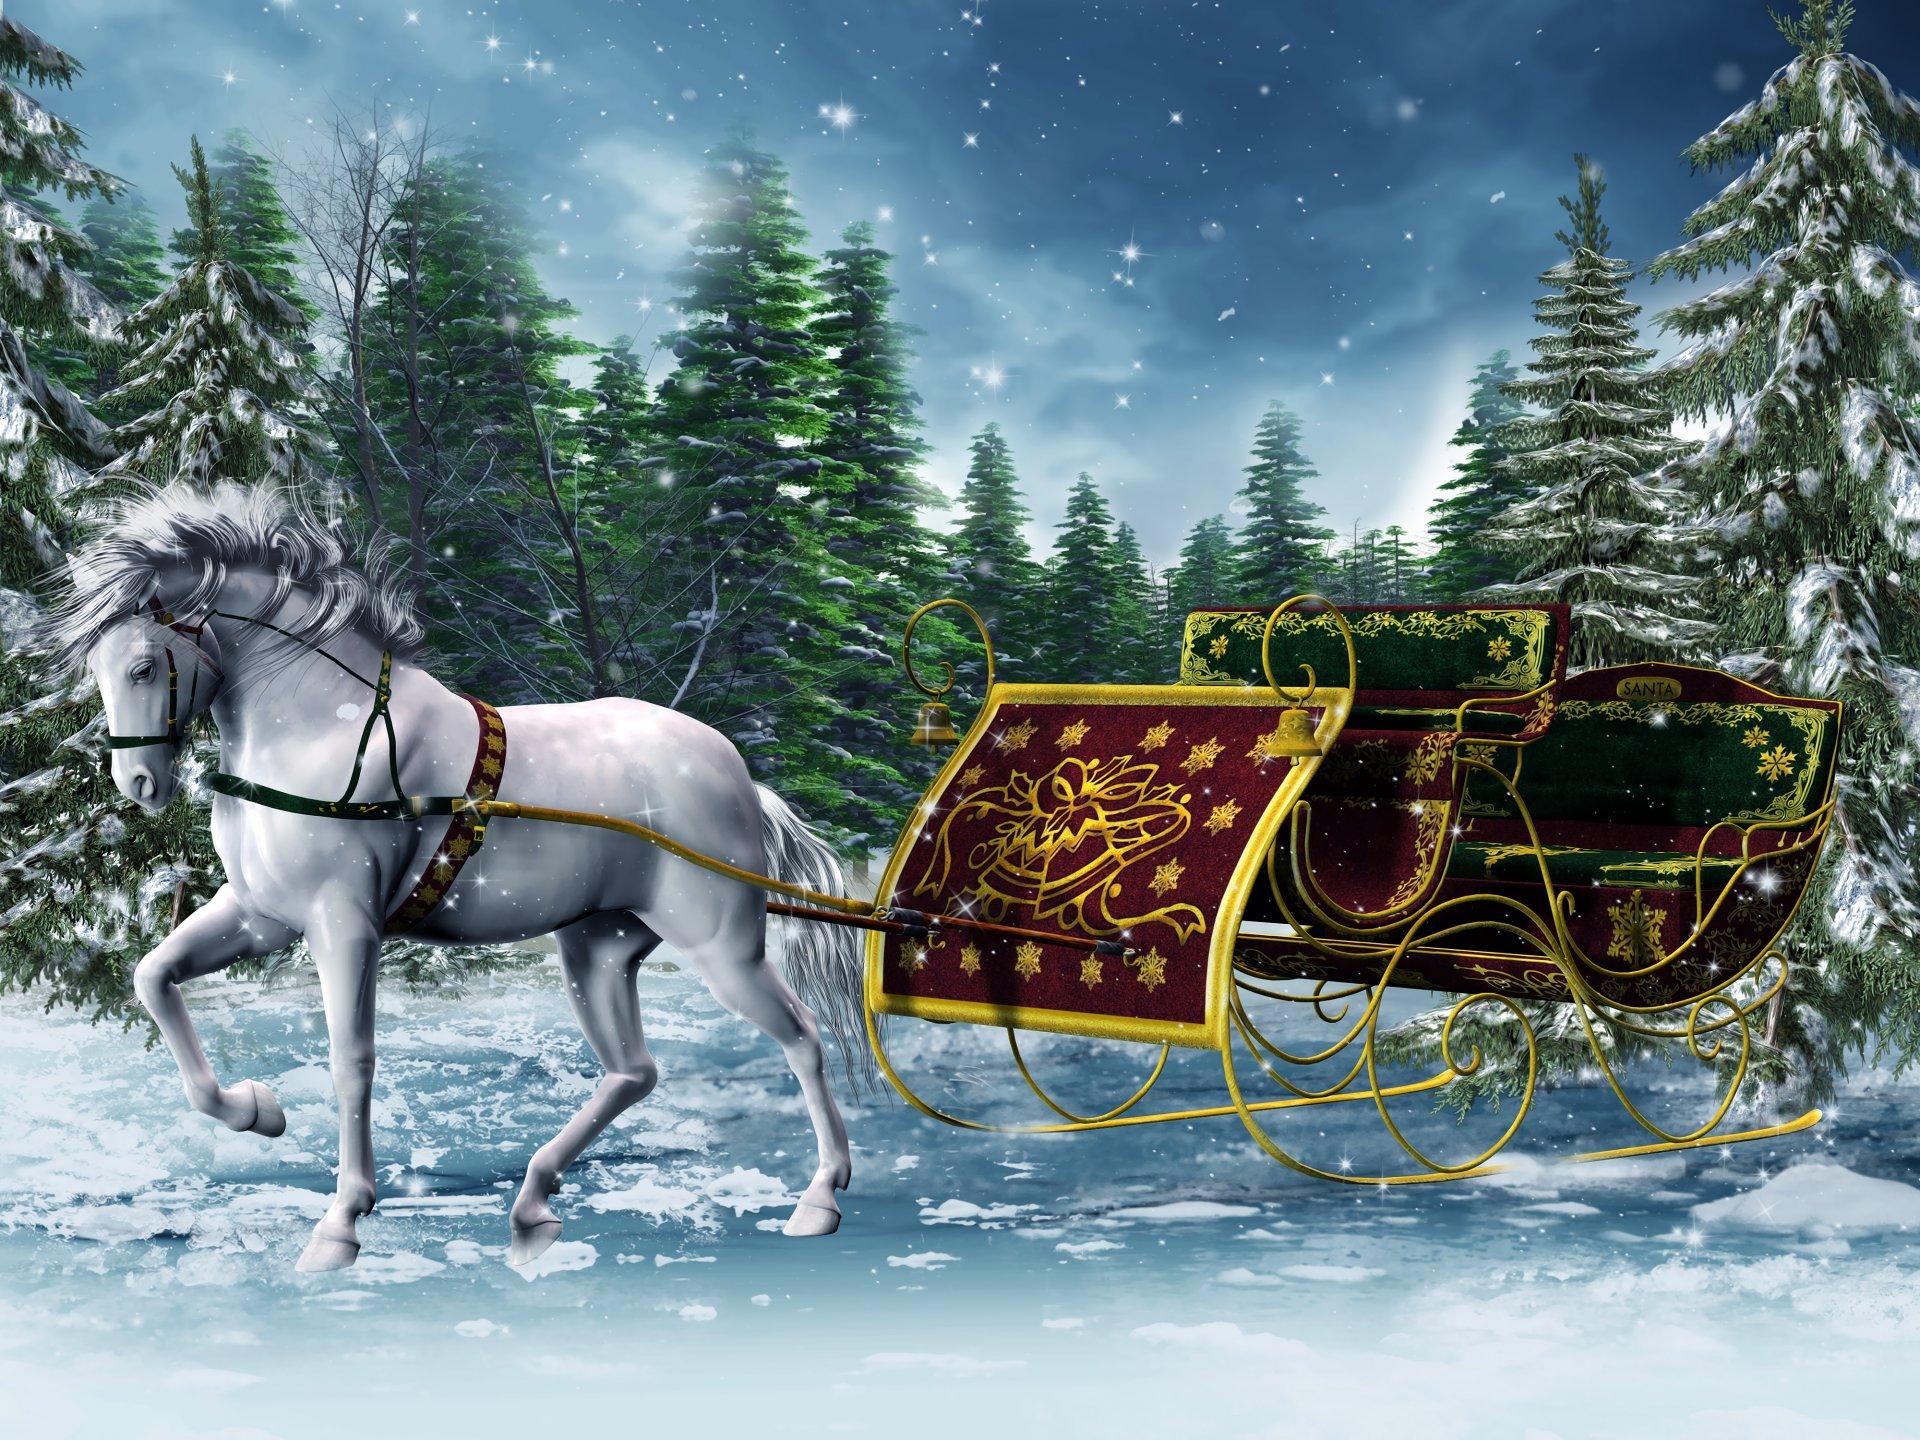 Картинки новогодние с лошадьми